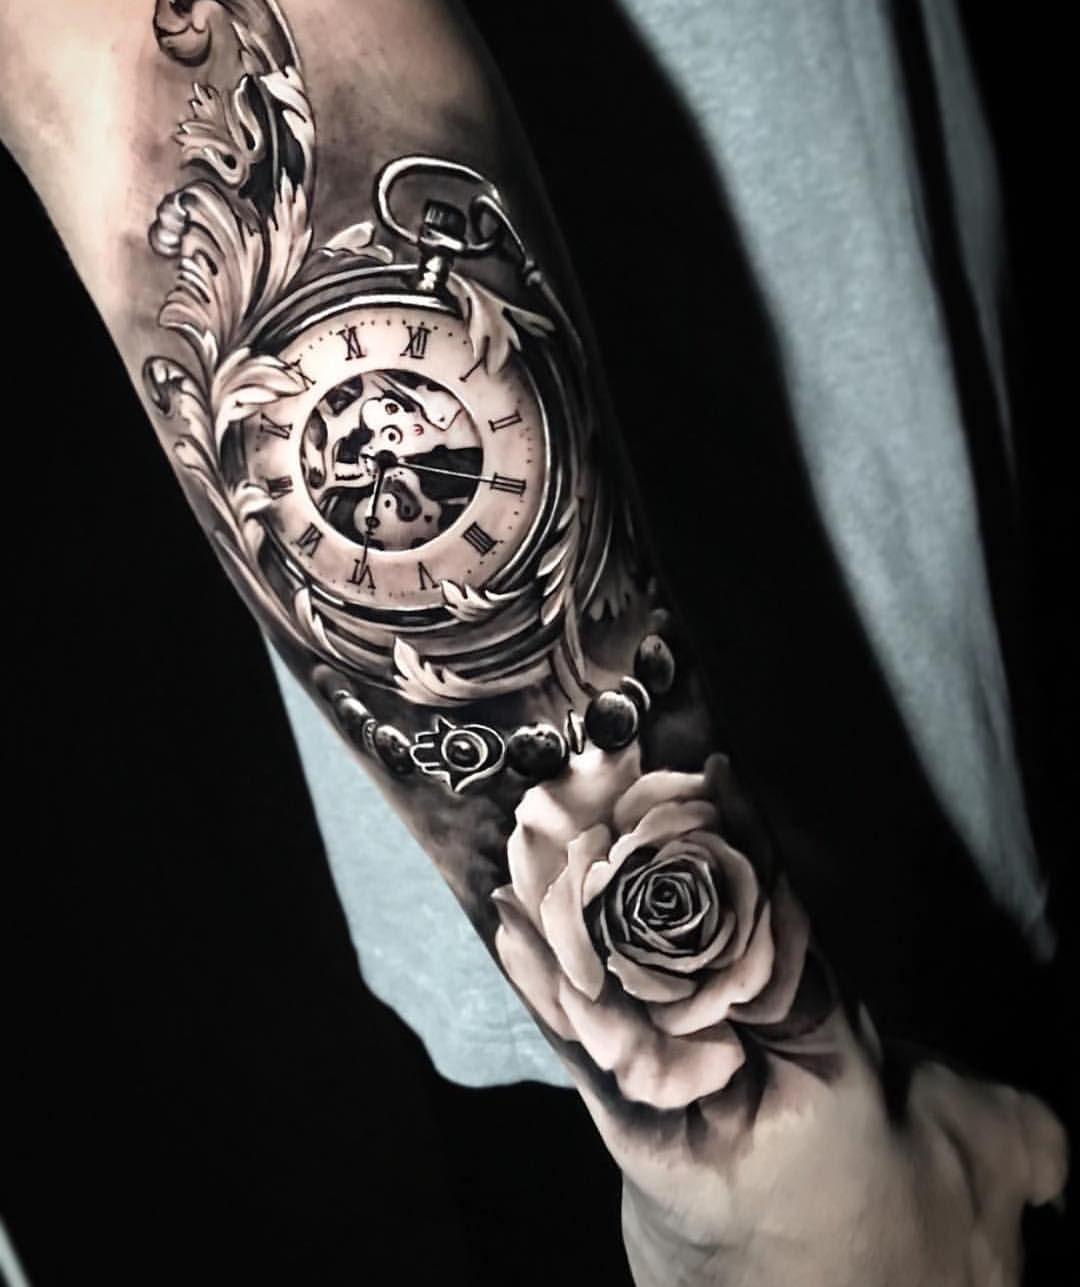 Männer arm uhr tattoos 75 Schöne